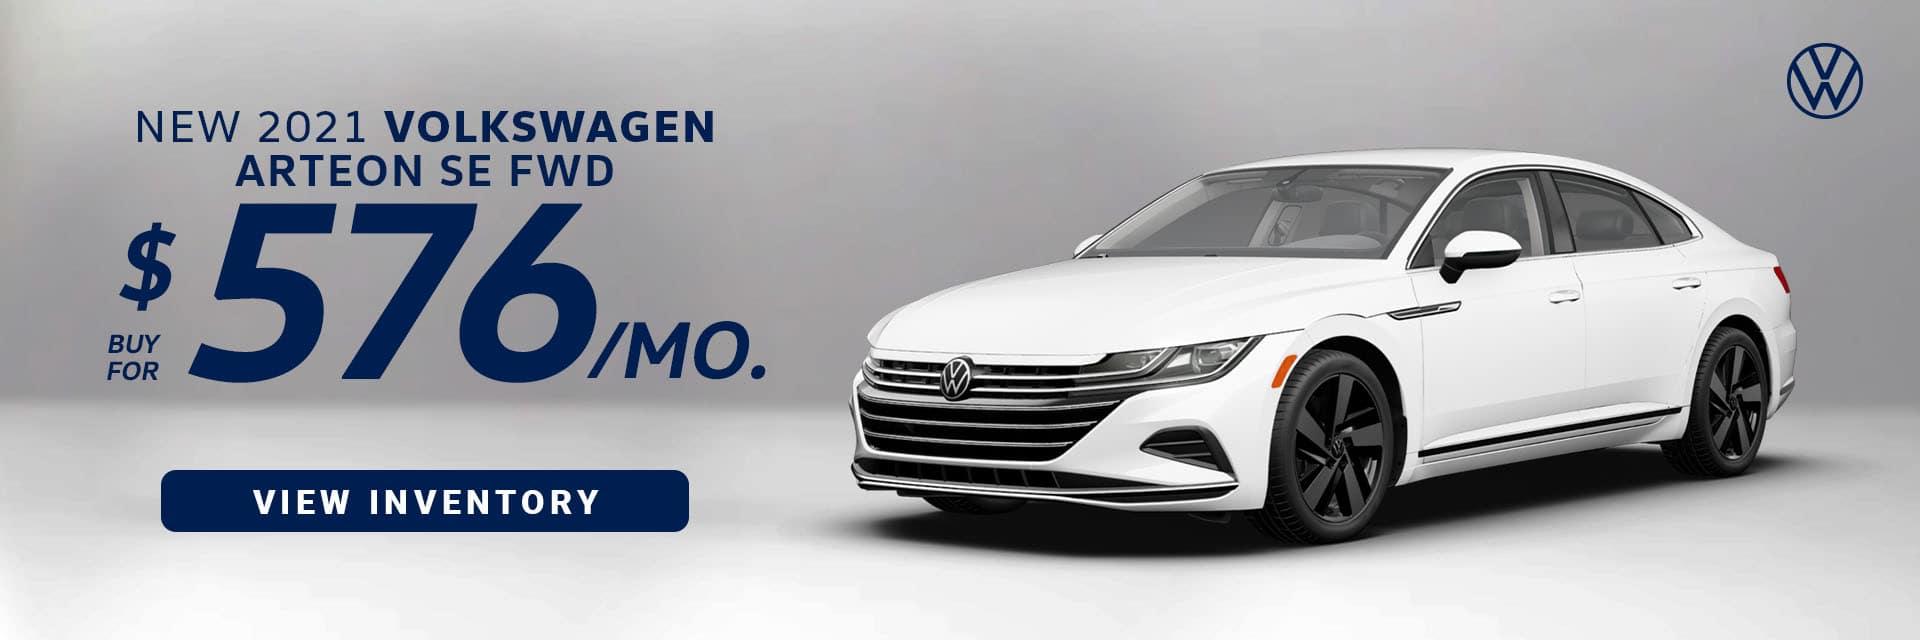 CVWG-September 20212021 Volkswagen Arteon copy